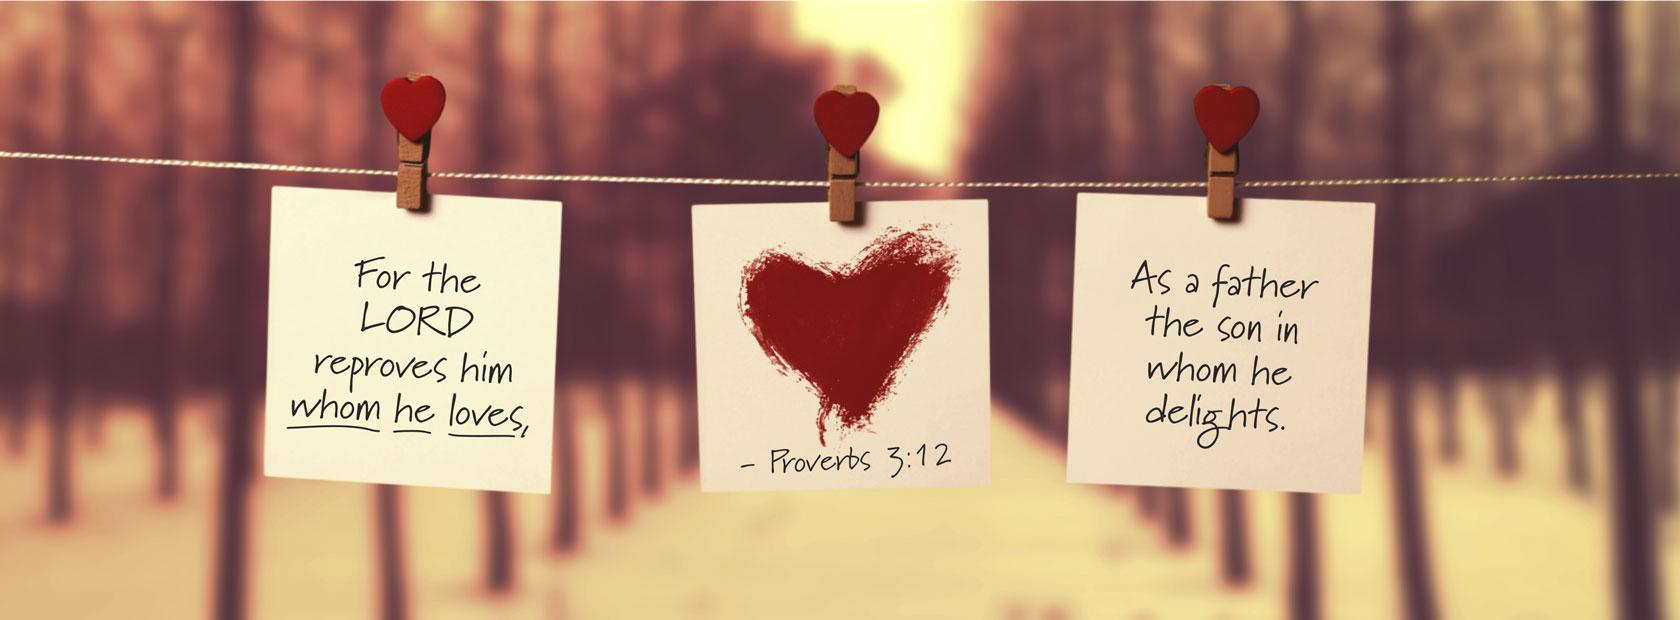 Proverbs 3:12